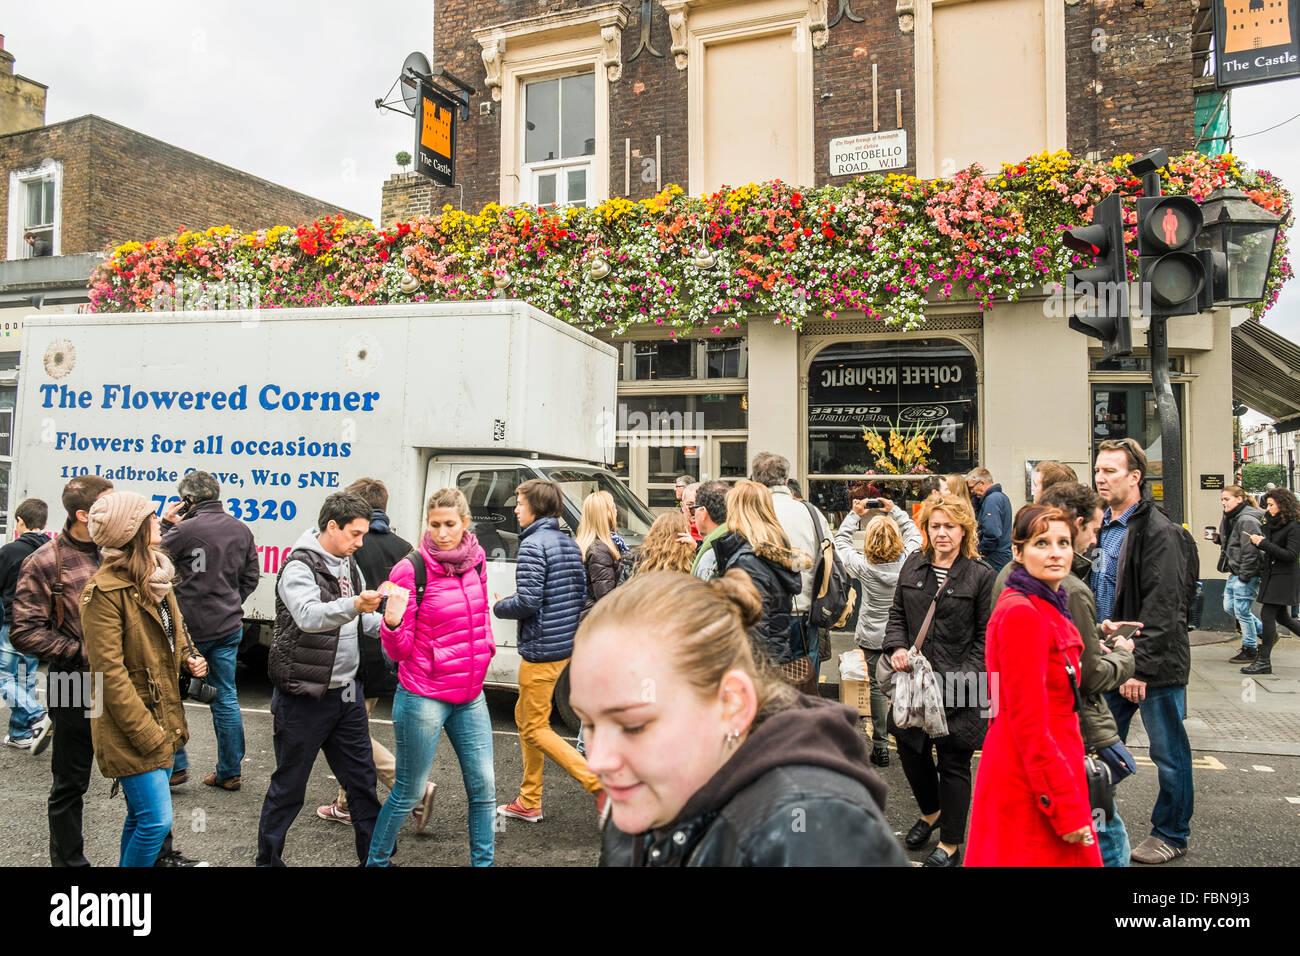 visitors of portobello street market in front of the pub the castle, 225 portobello road, notting hill, london, - Stock Image